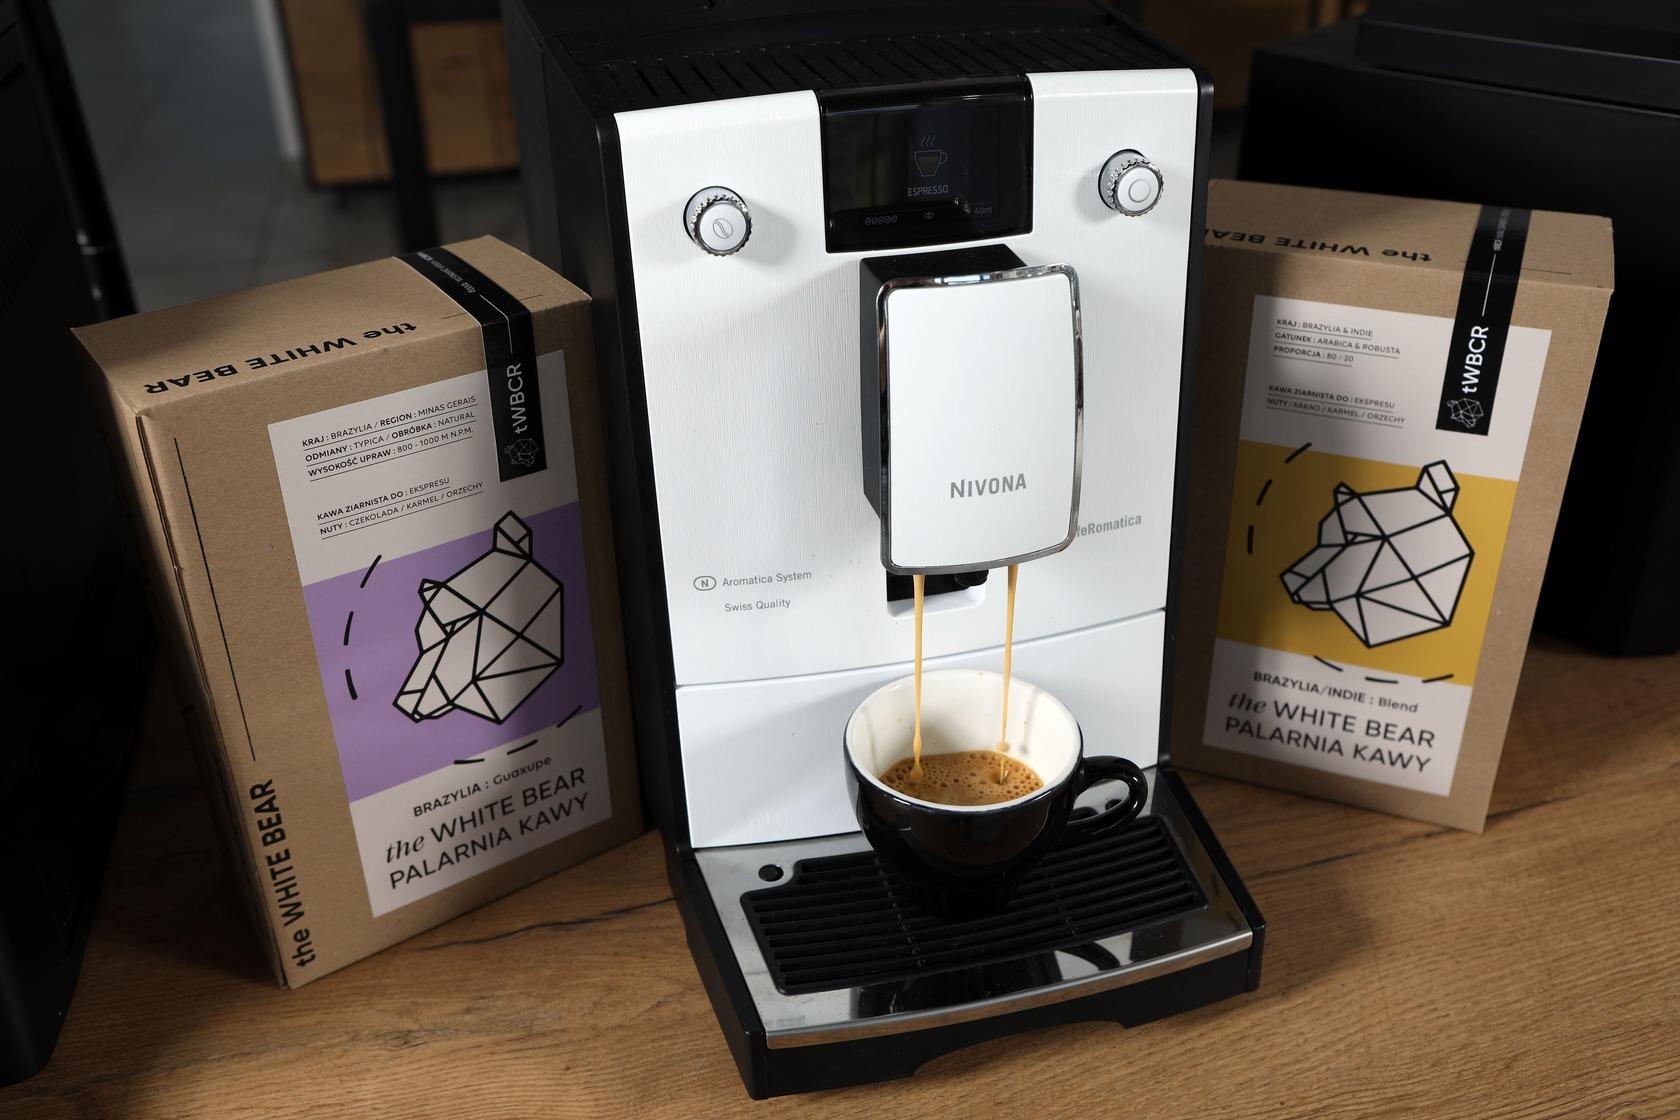 kawa i ekspresy do biur